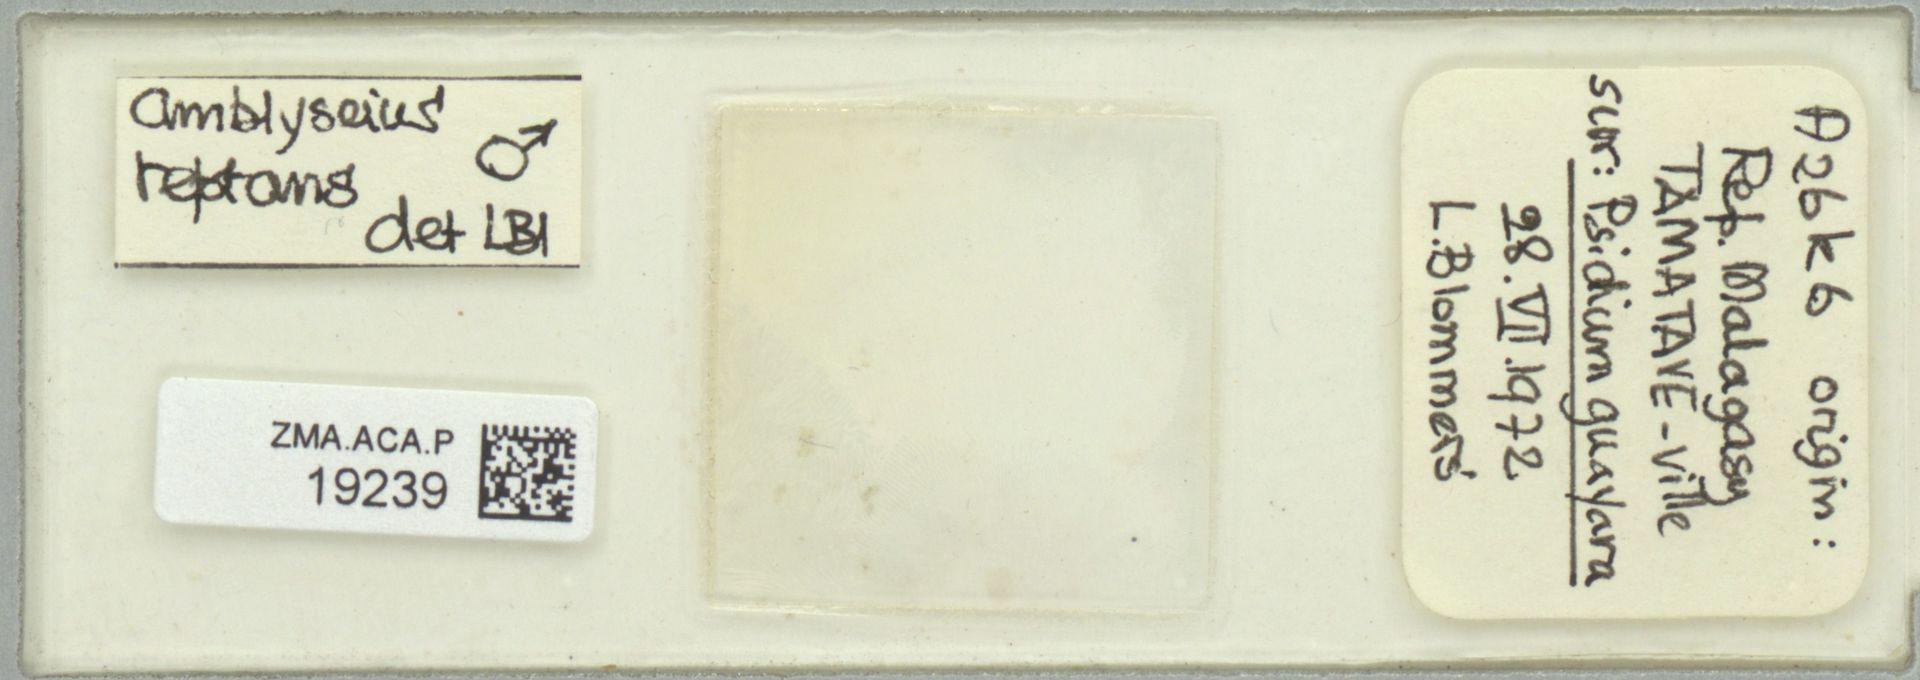 ZMA.ACA.P.19239 | Scapulaseius reptans (Blommers, 1974)